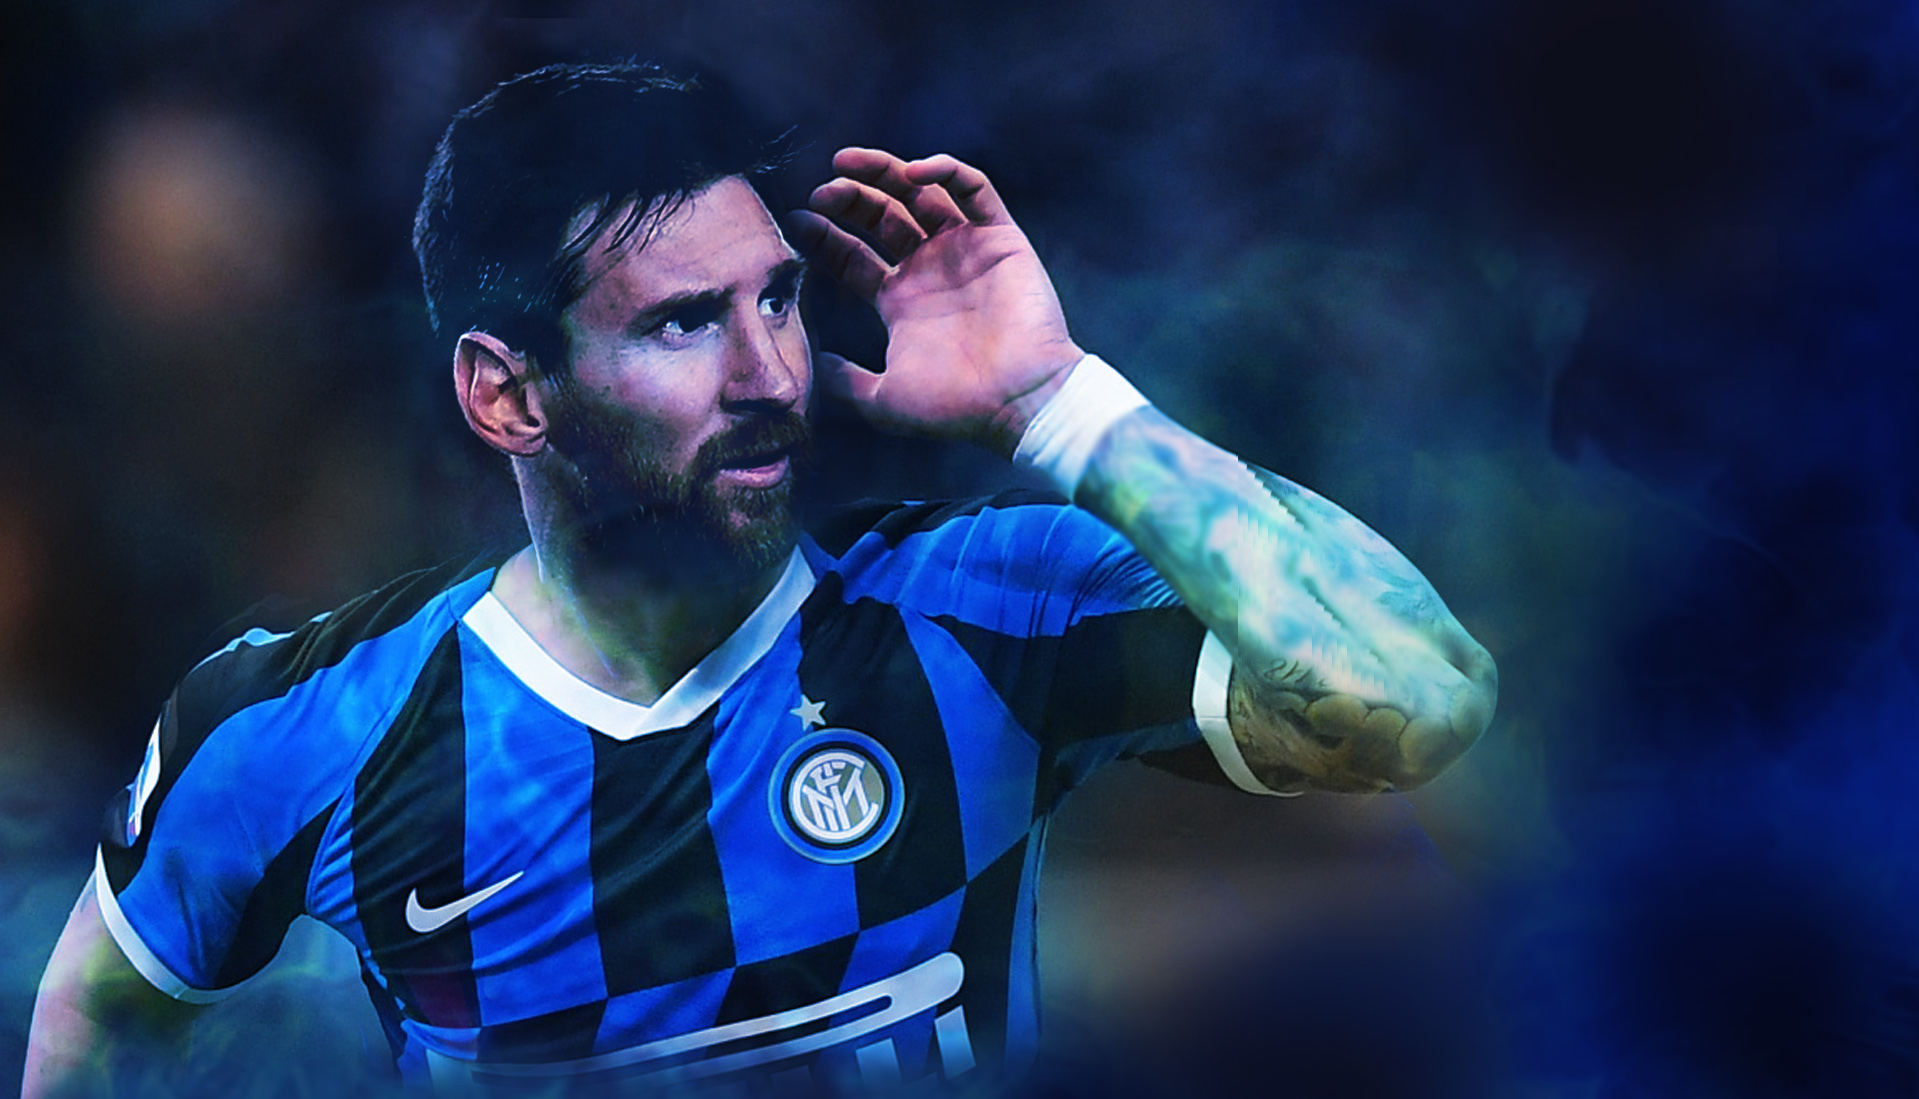 Messi all'Inter, Moratti lo ha detto!